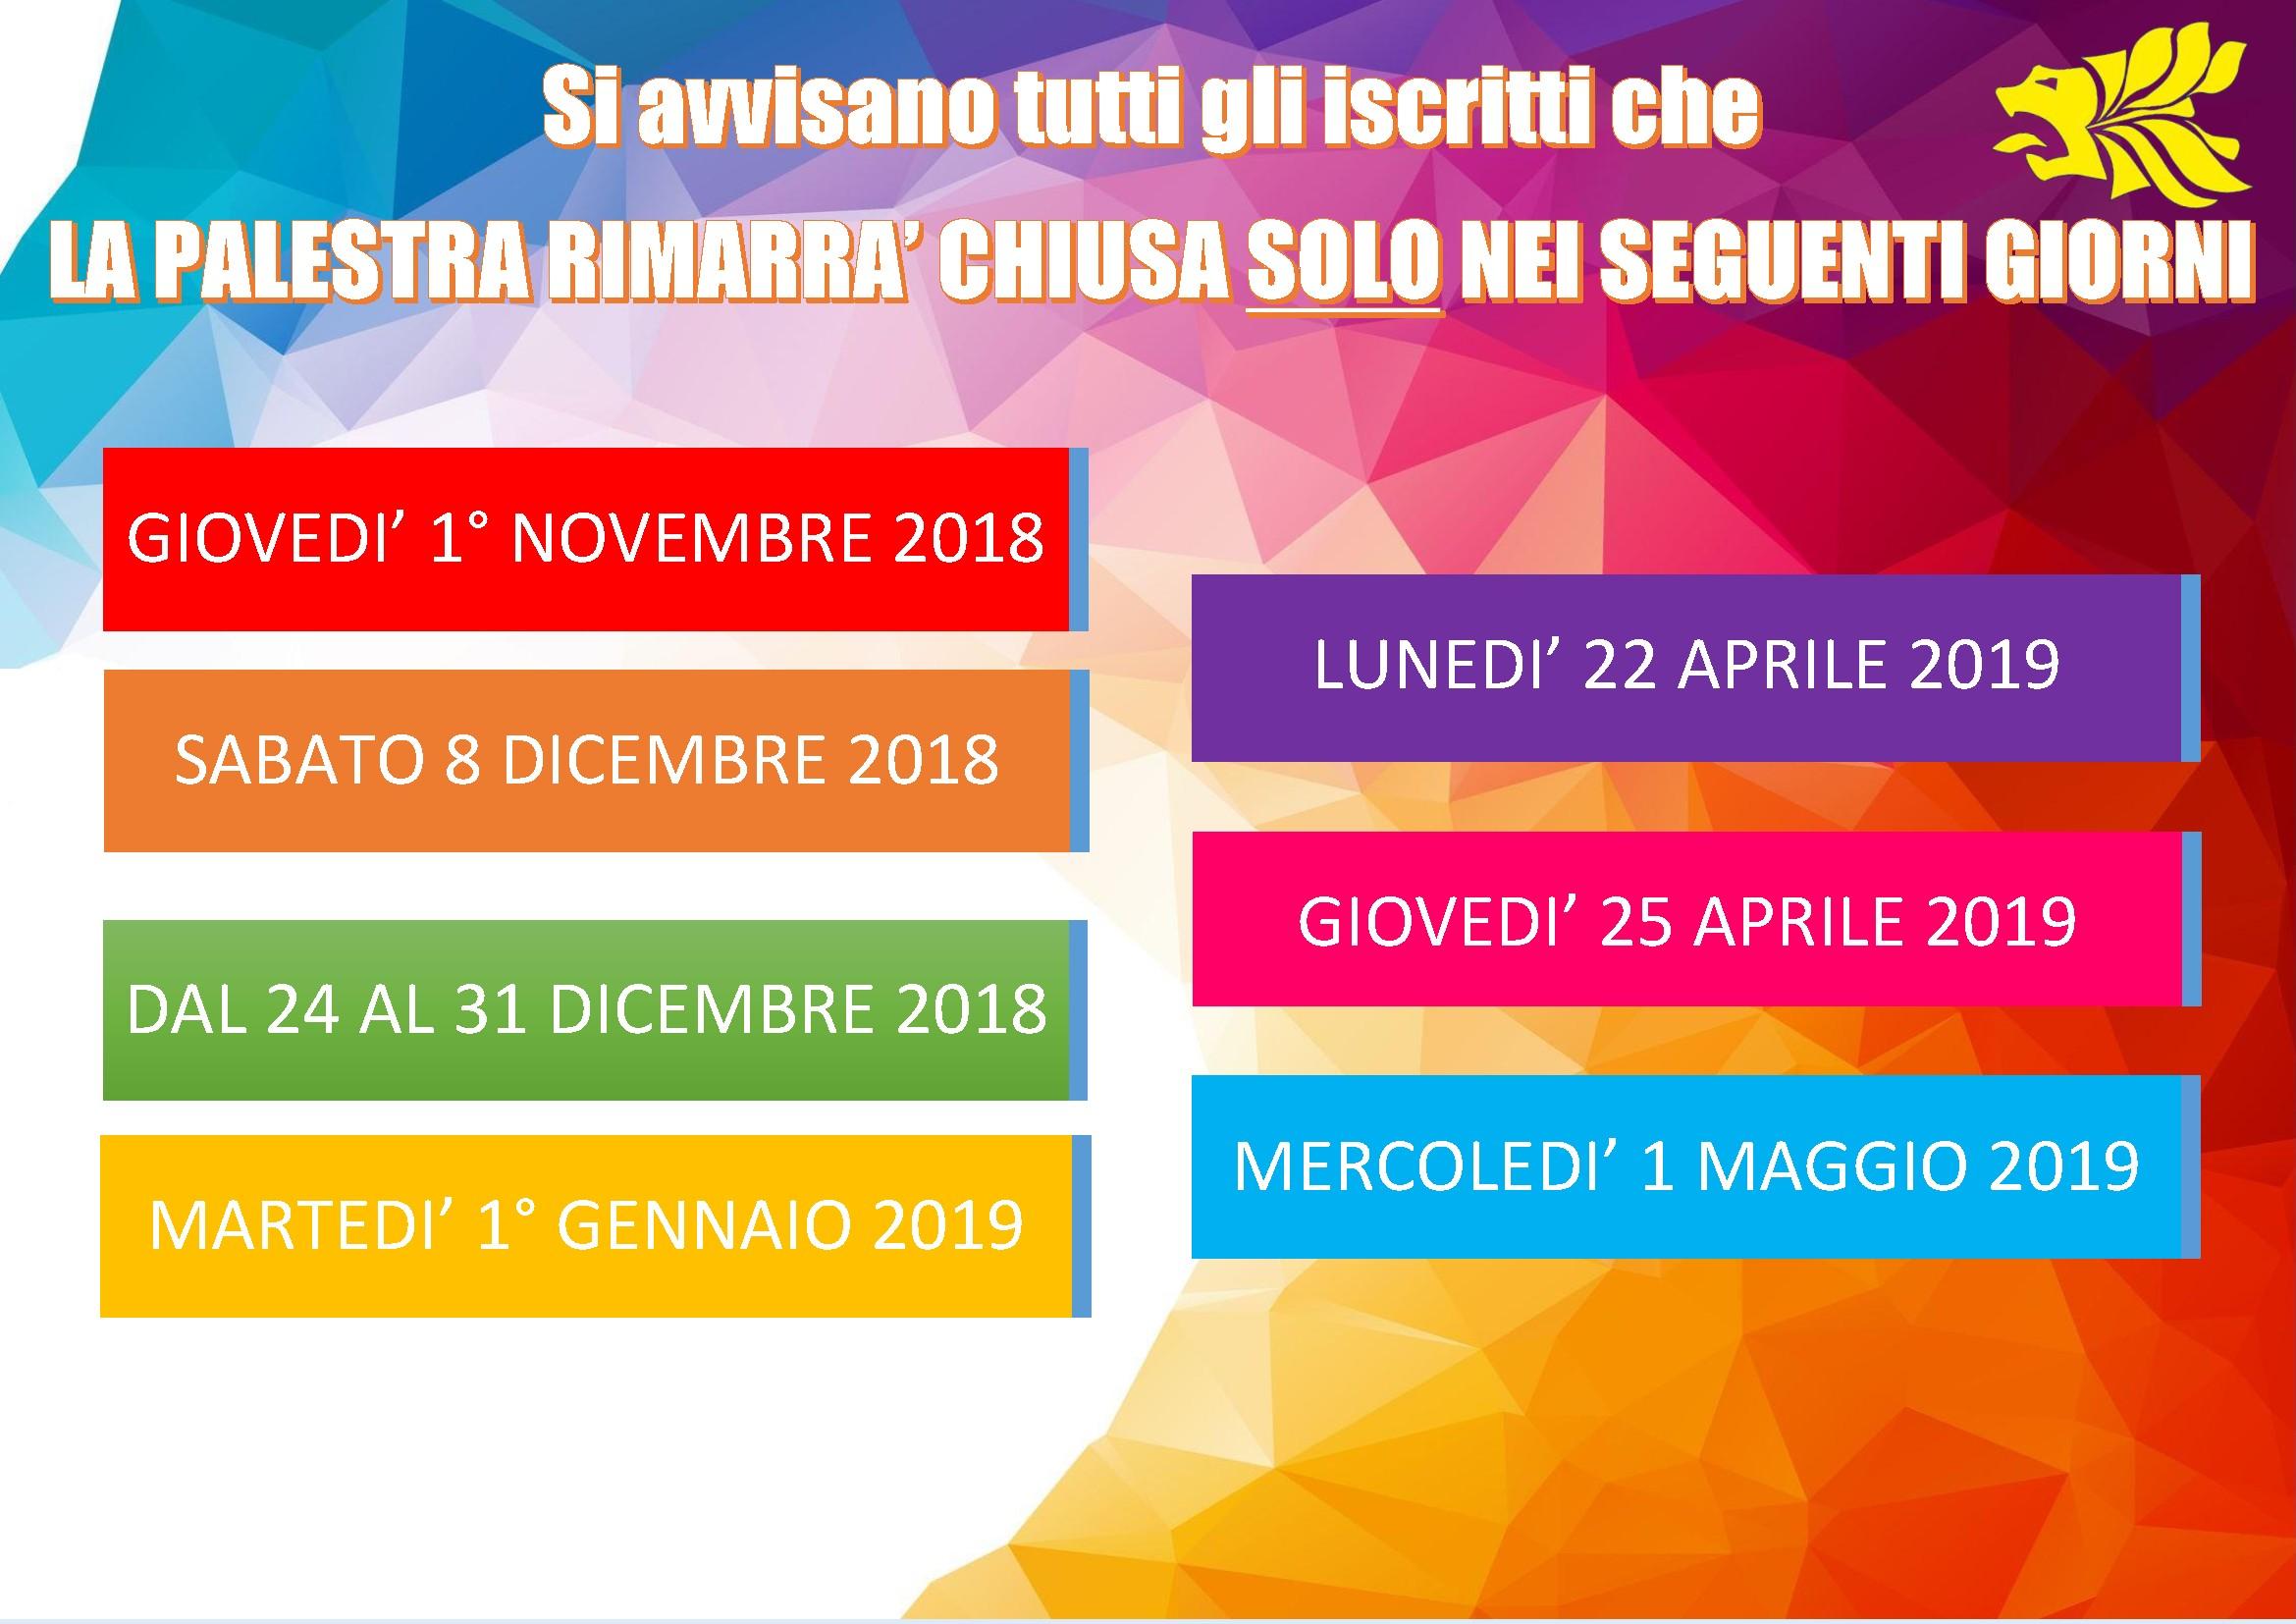 Calendario Gennaio 2019 Con Festività Más Arriba-a-fecha Home Of Calendario Gennaio 2019 Con Festività Más Arriba-a-fecha Home